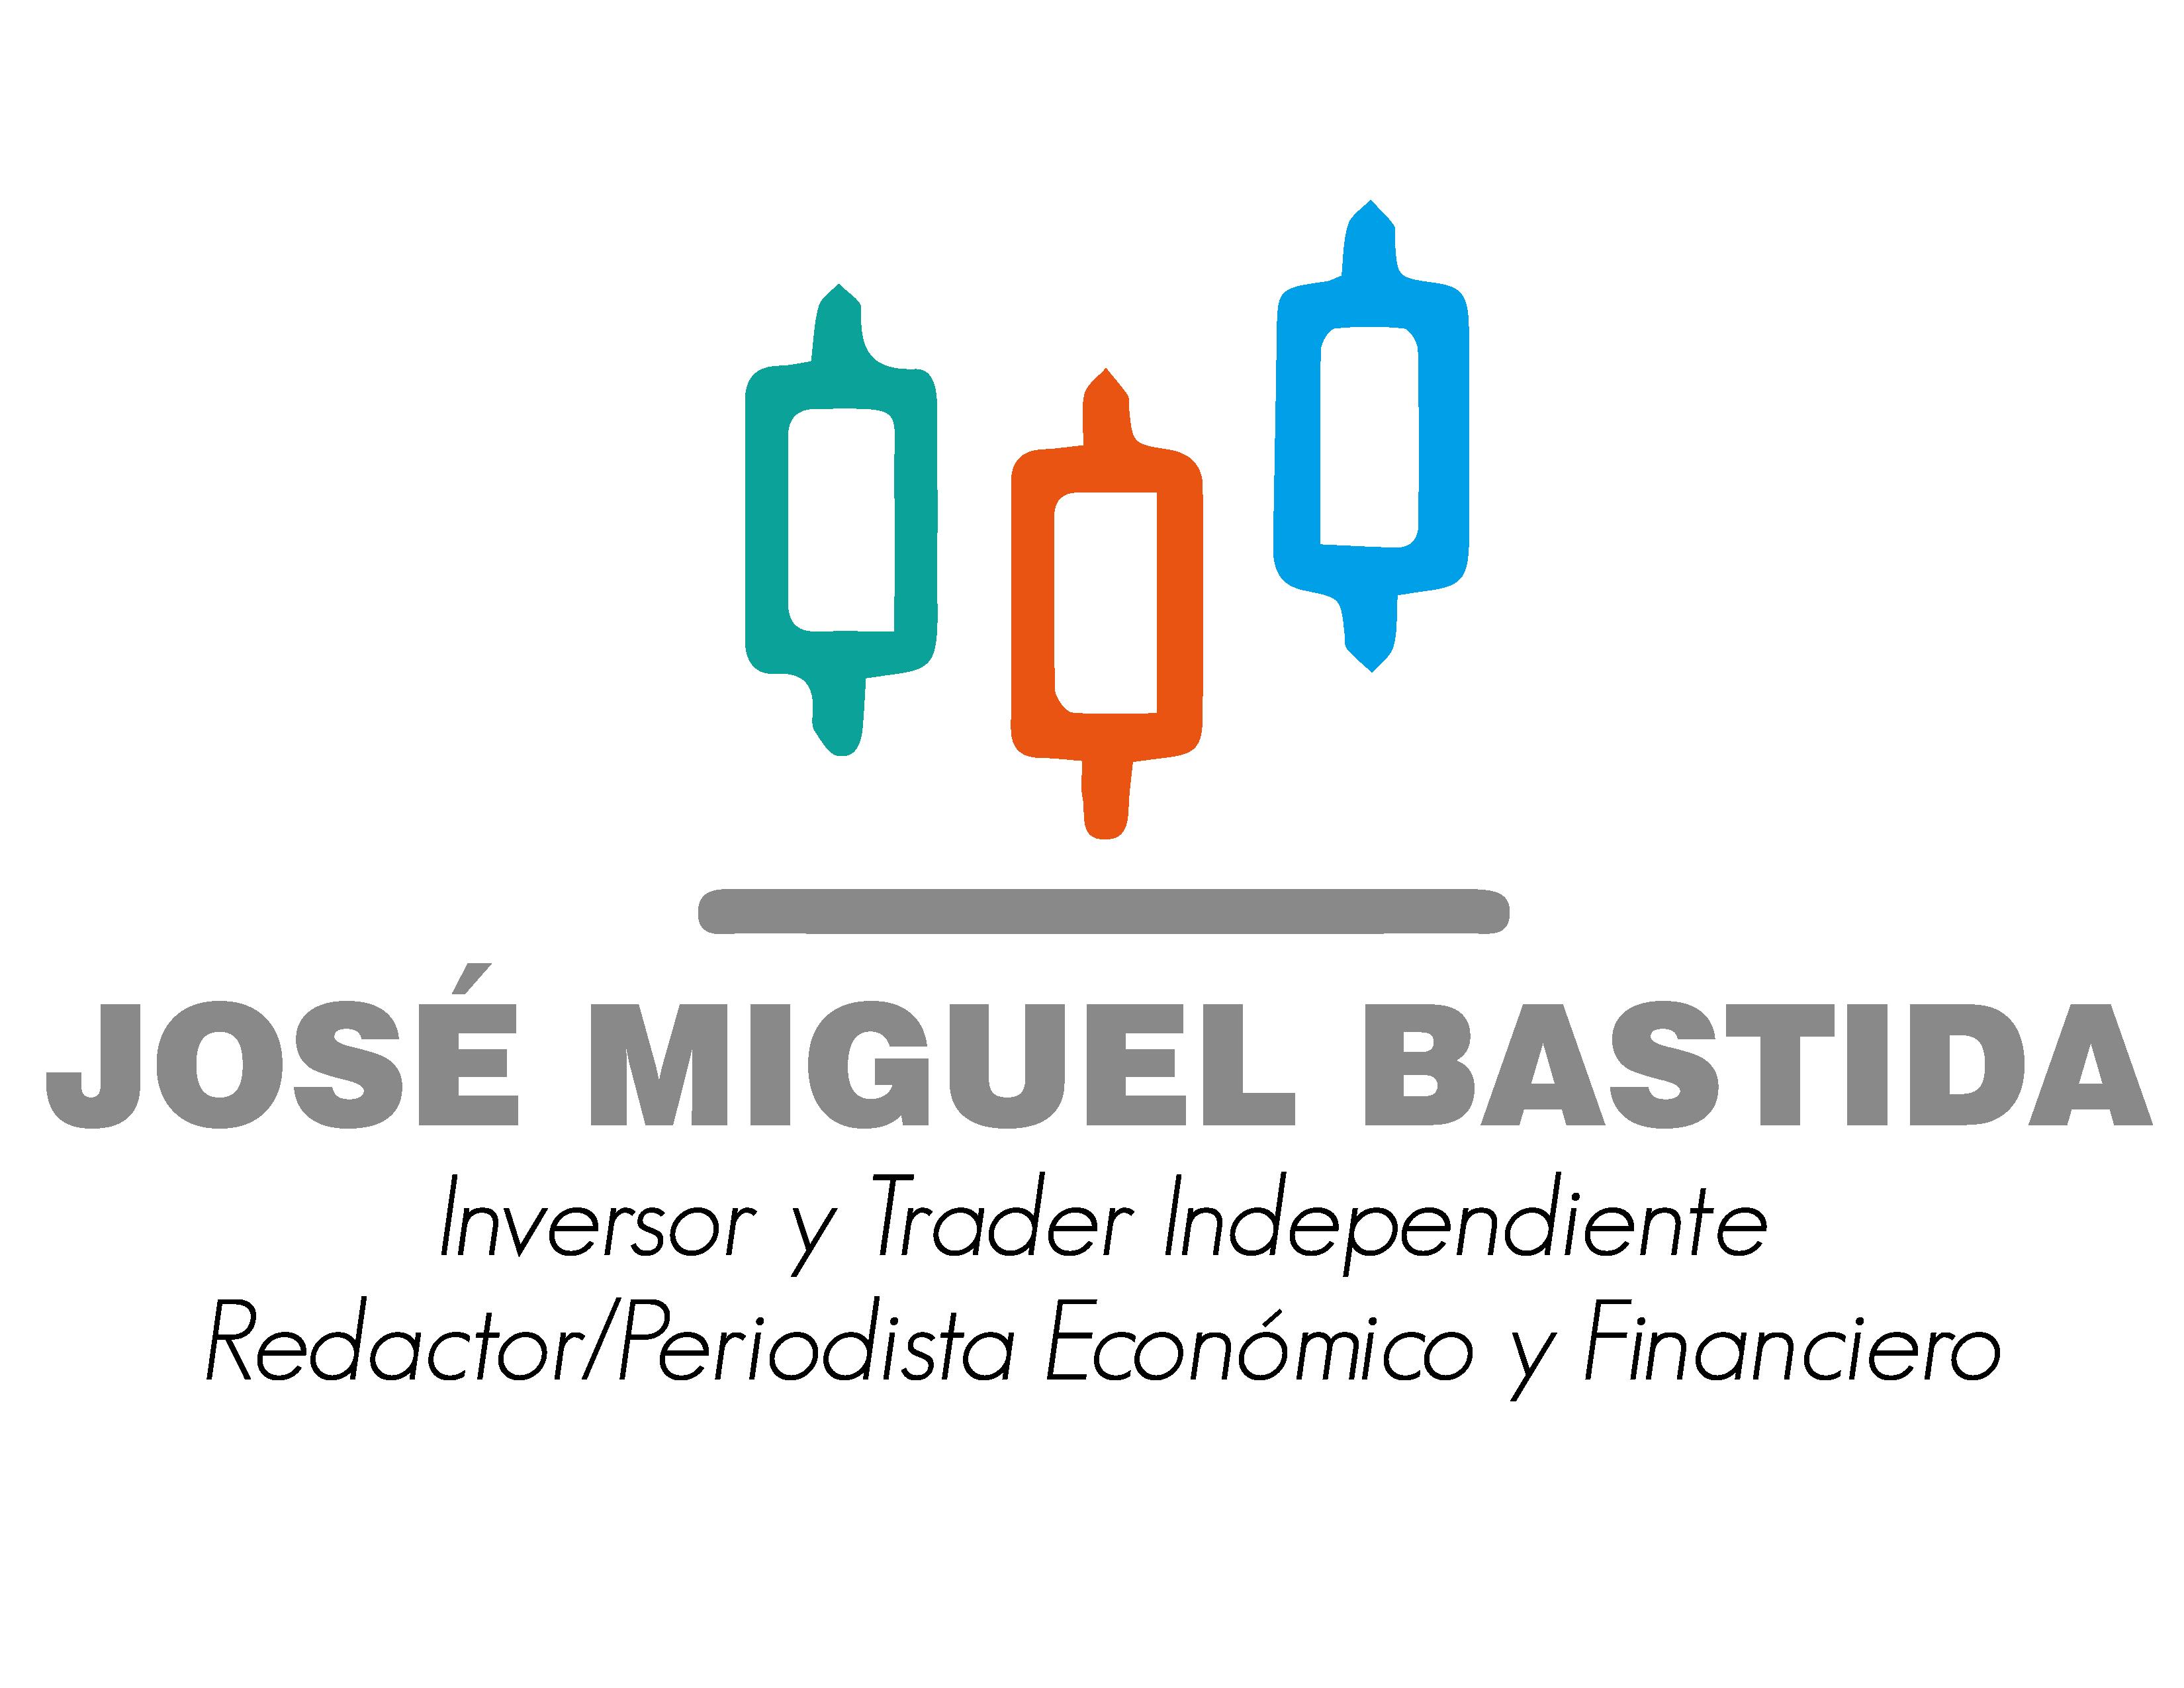 José Miguel Bastida